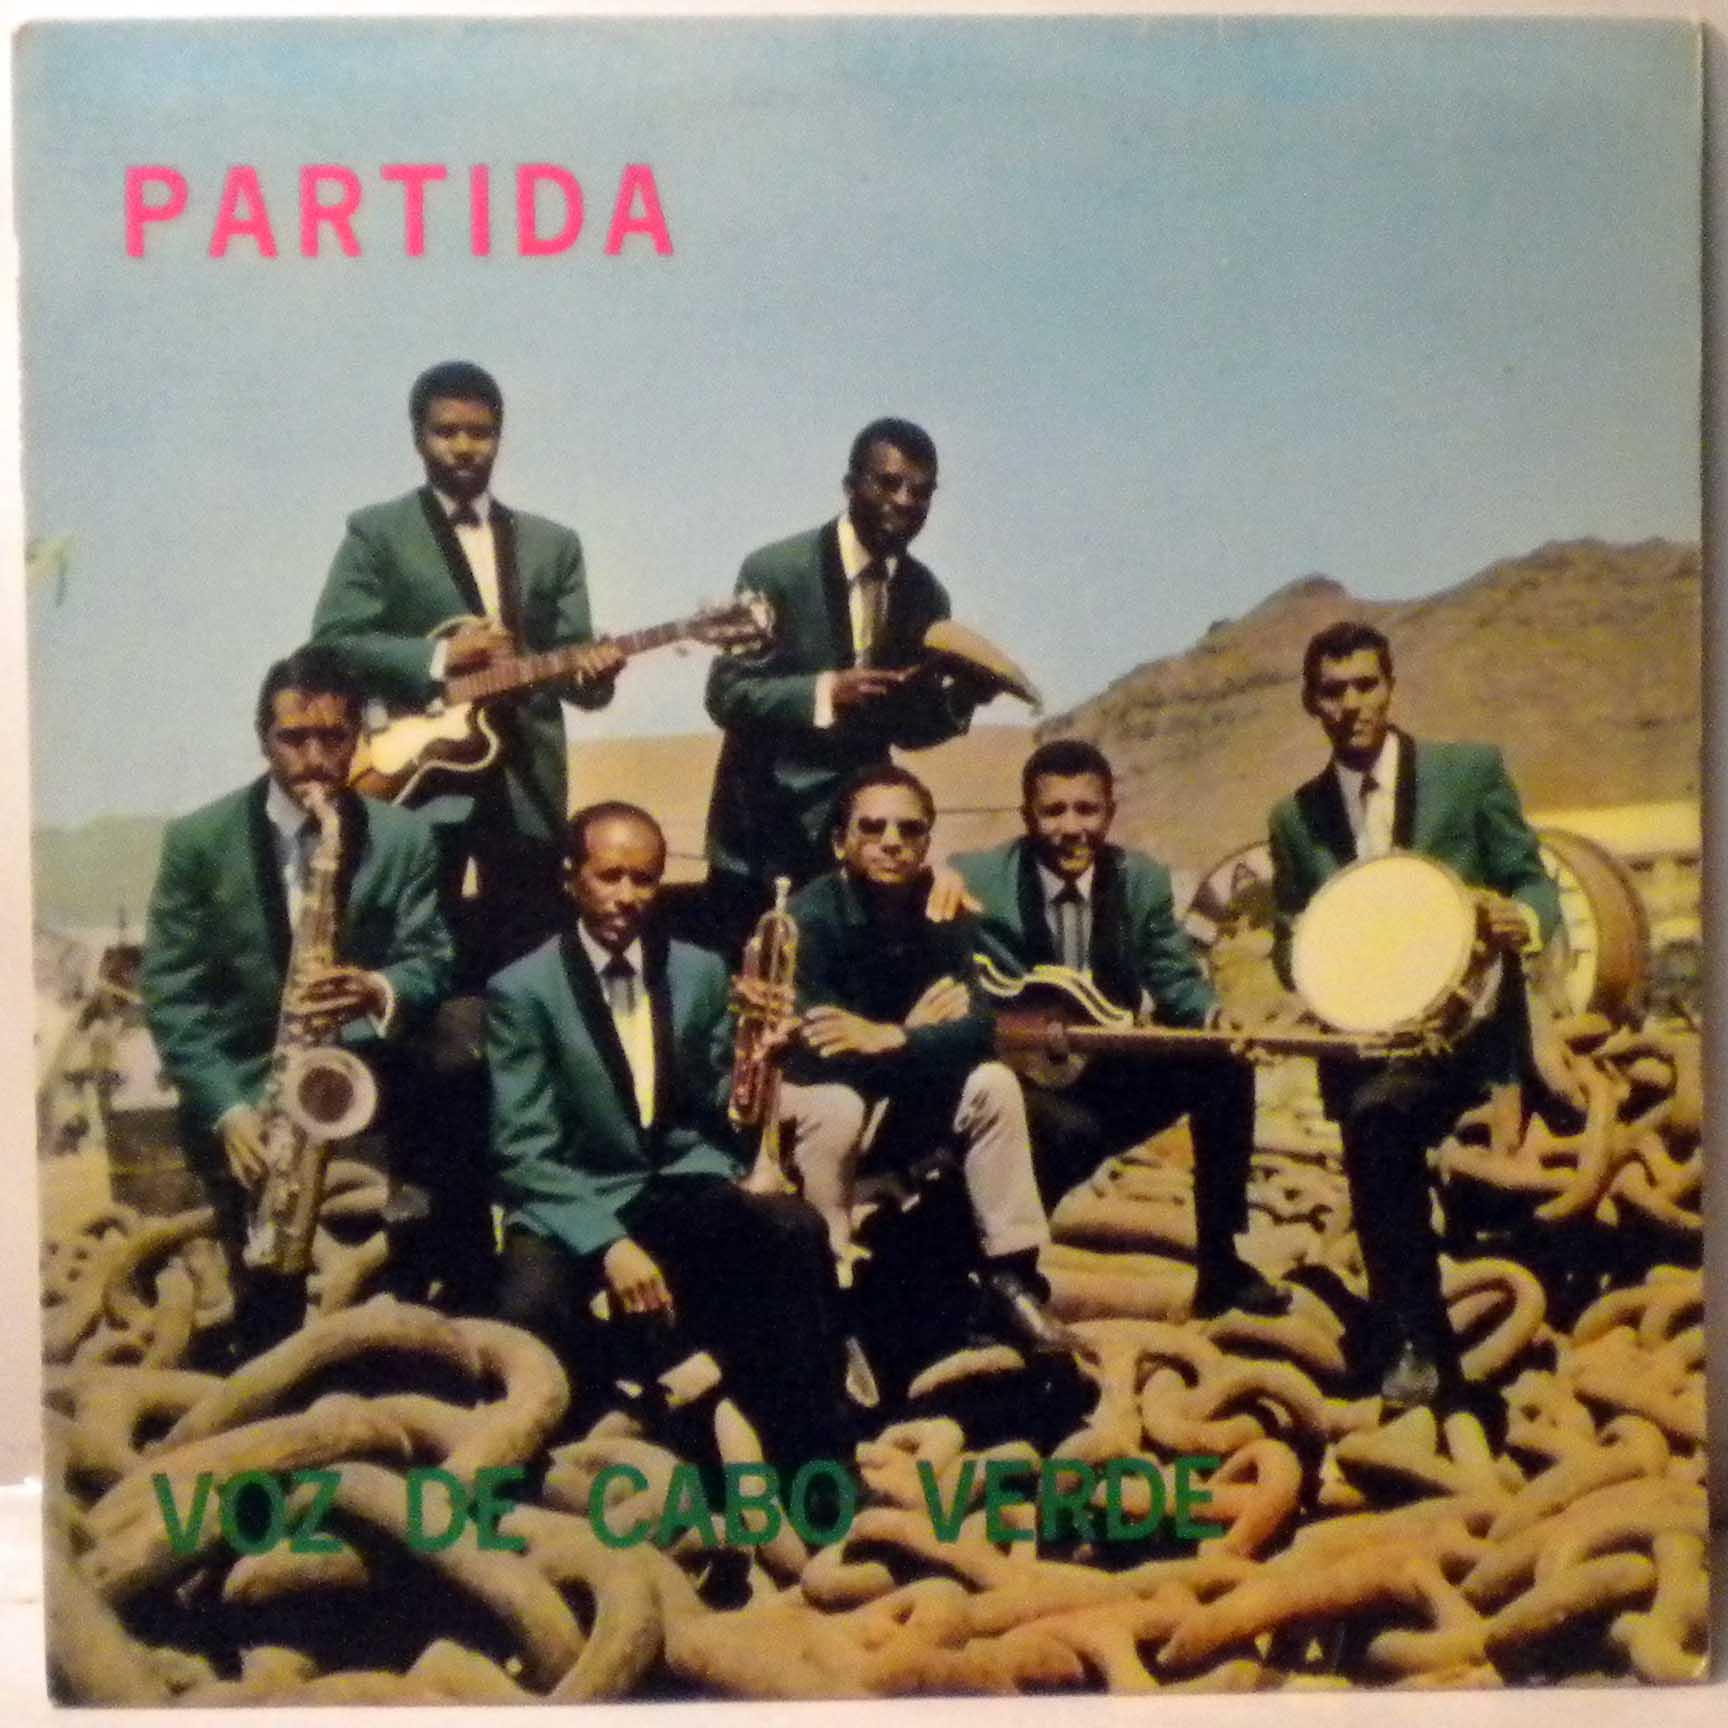 VOZ DE CABO VERDE - Partida - LP